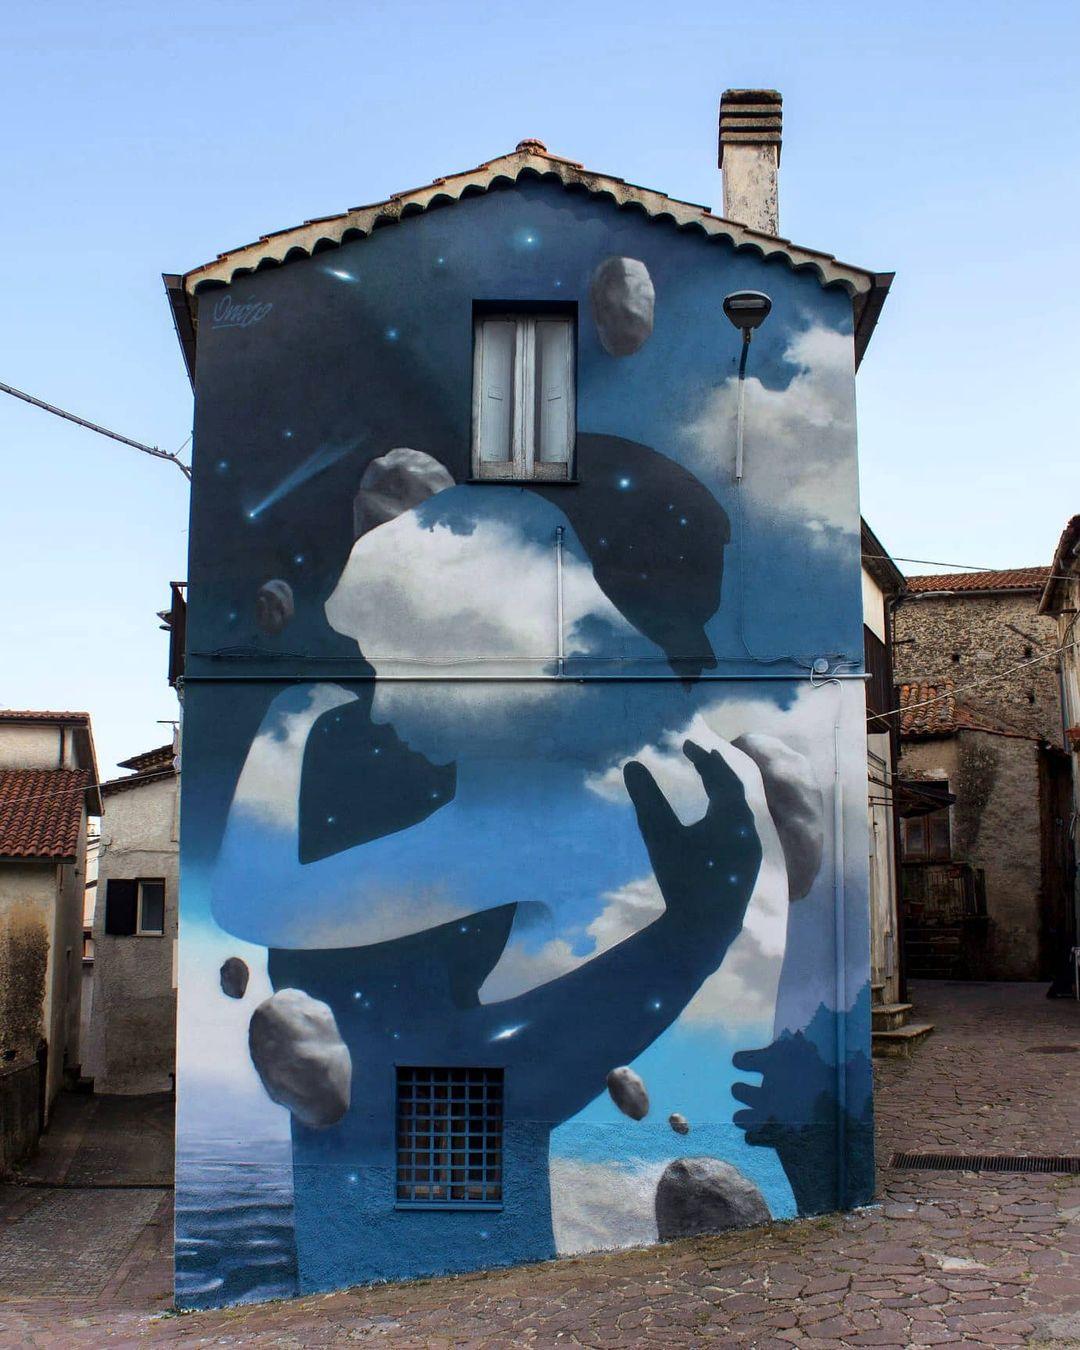 Oniro @ Belsito, Italy